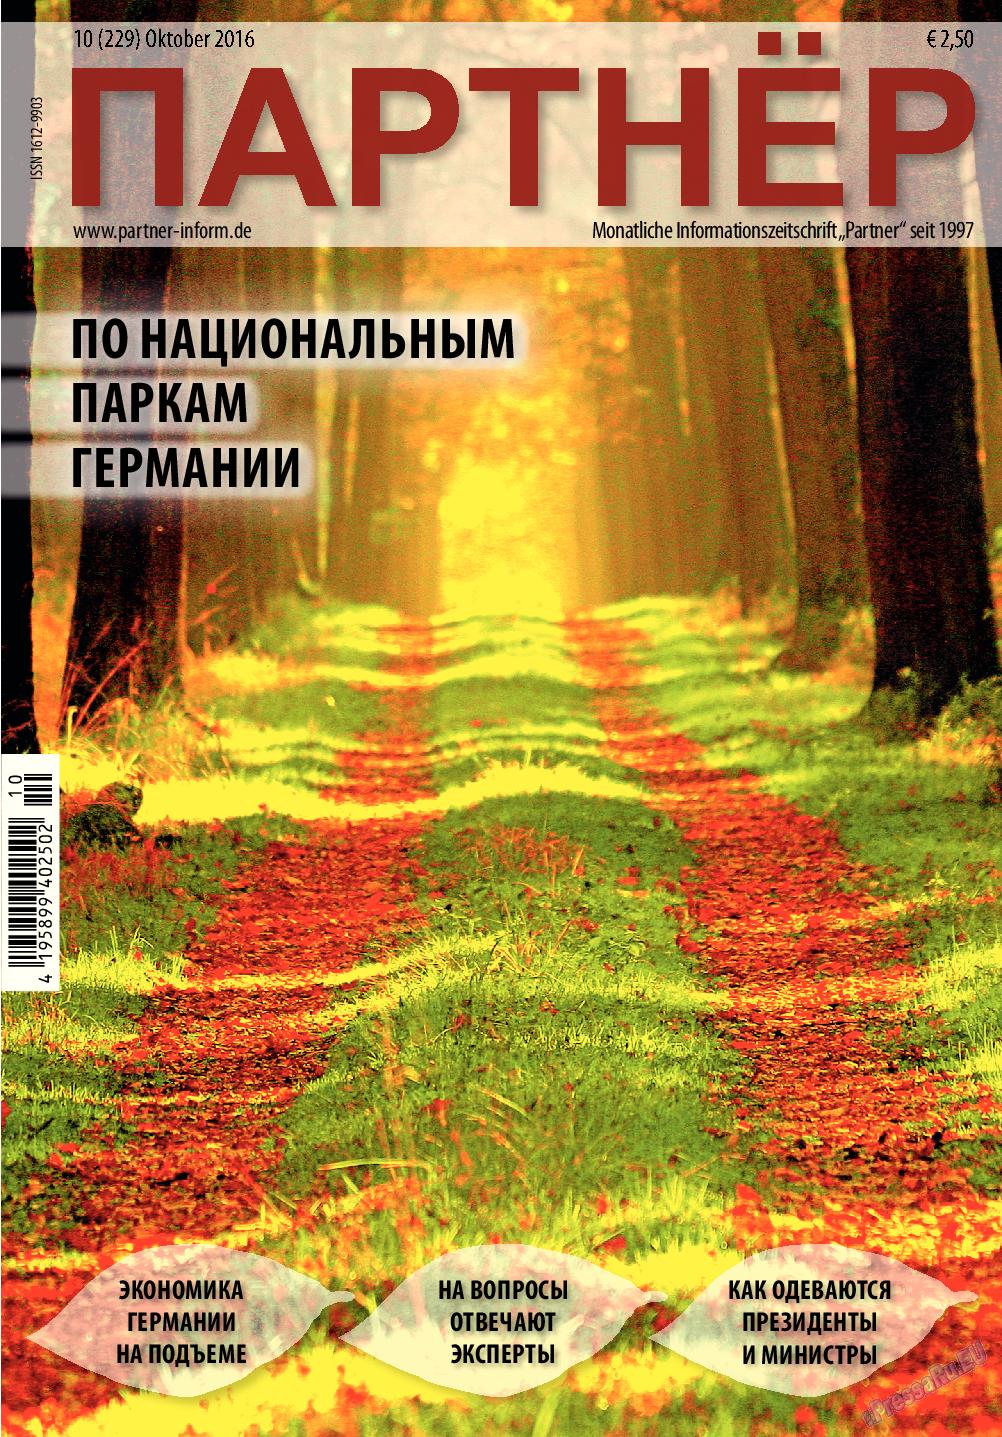 Партнер (журнал). 2016 год, номер 10, стр. 1